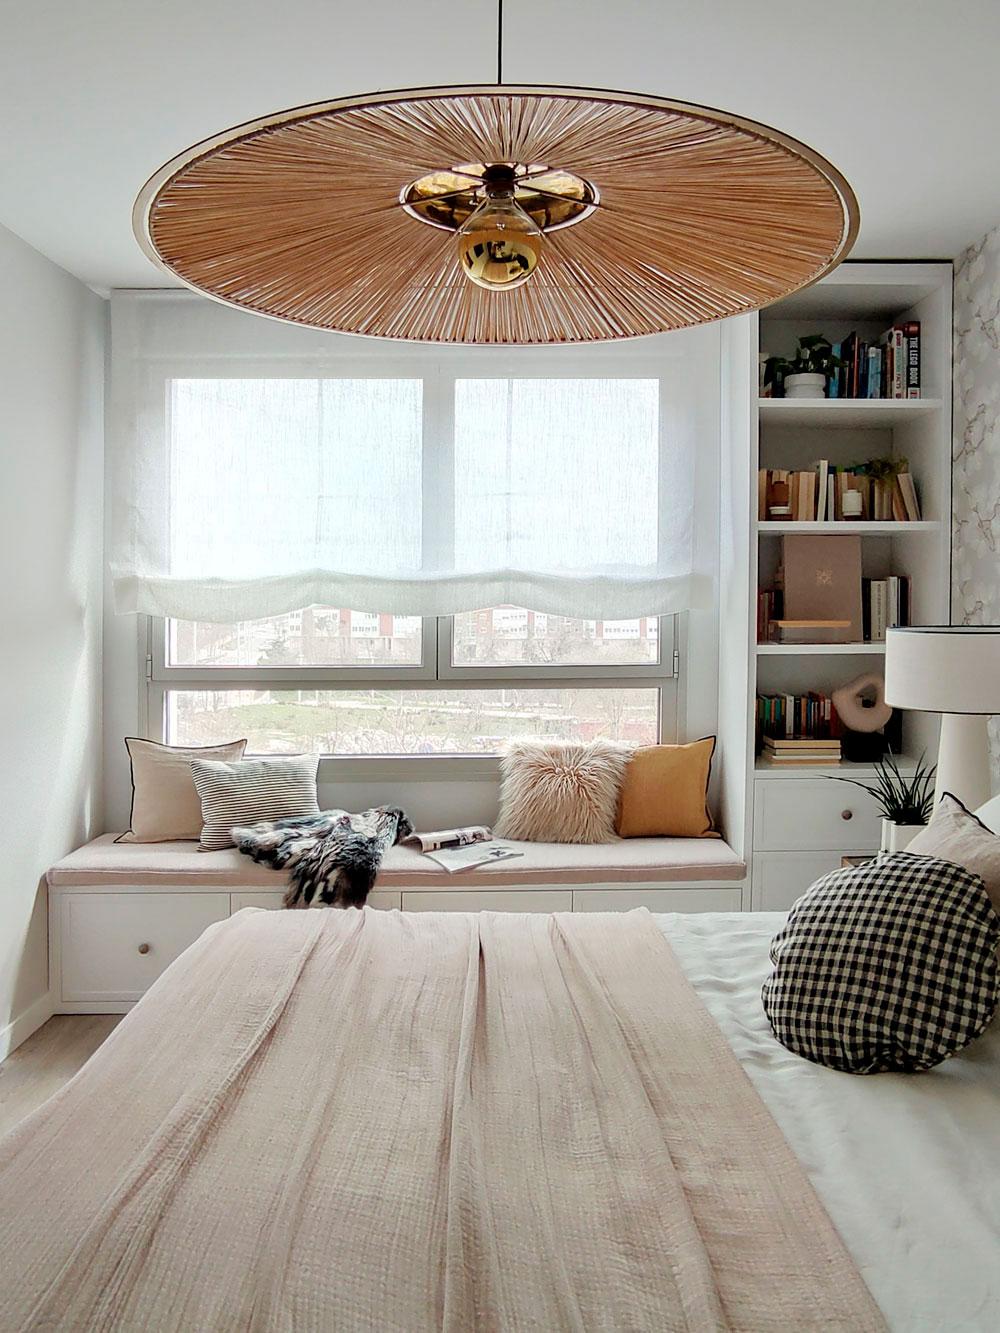 dormitorio con banco bajo la ventana diseñado por Deleite Design